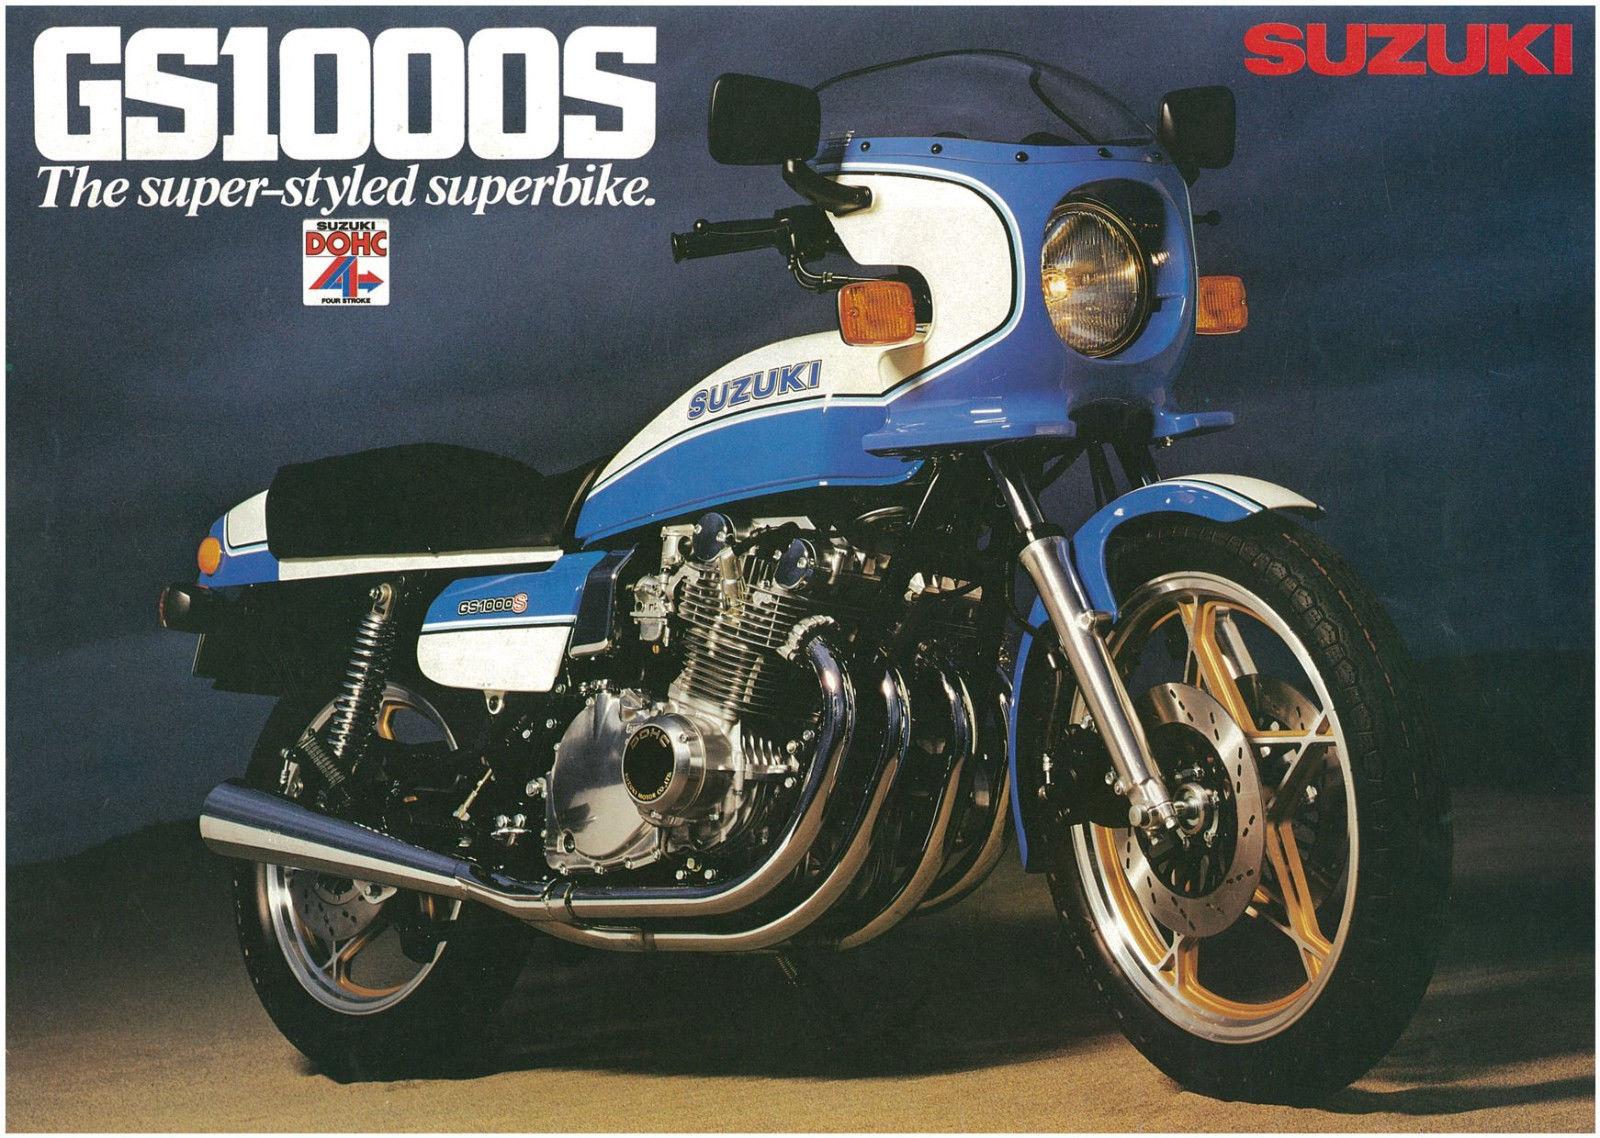 The Suzuki GS1000 - Classic rides of the Pre-Pensioner - Classic